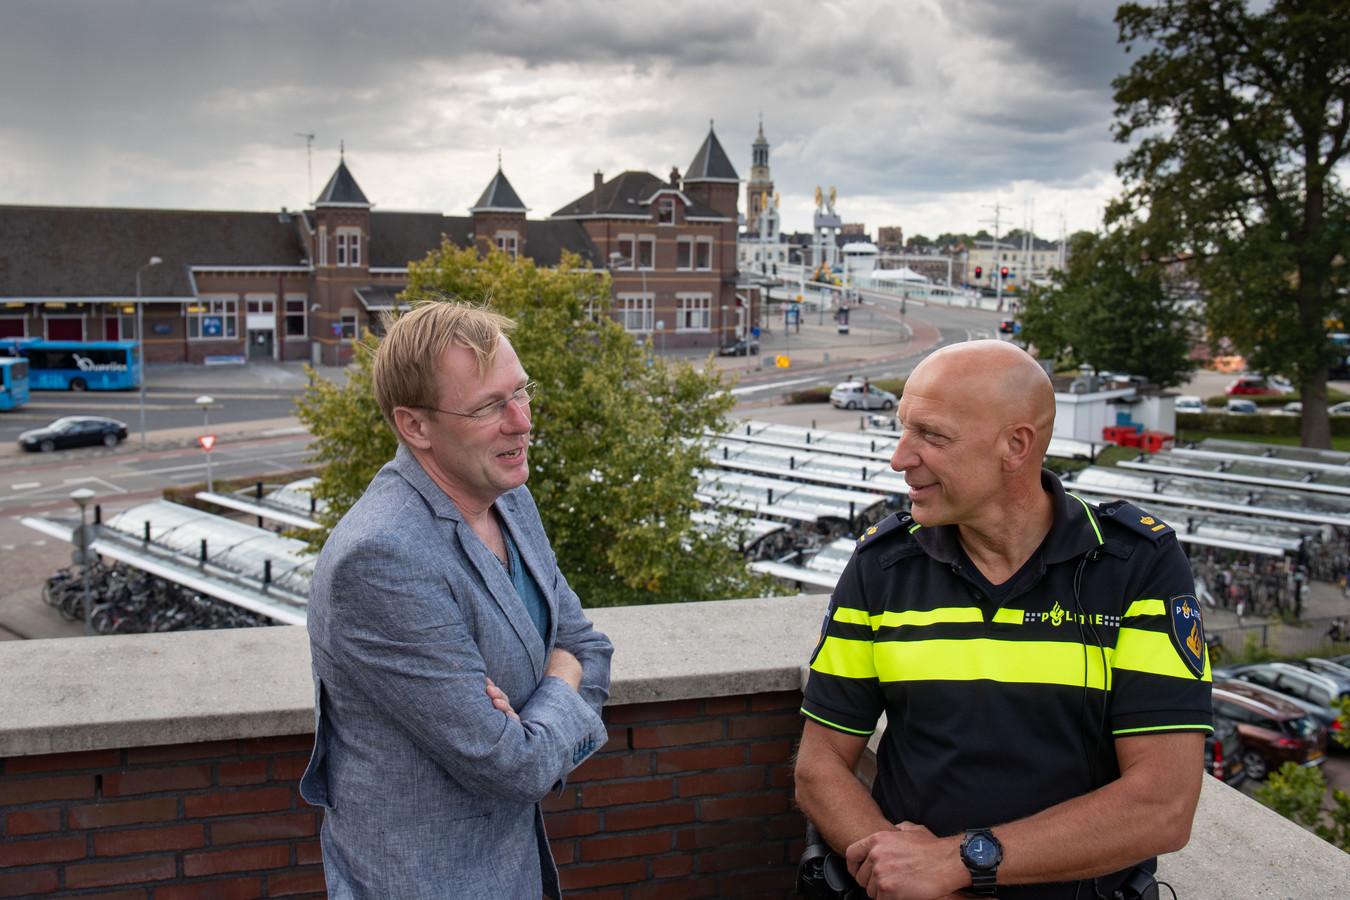 Jonn van Zuthem en teamchef politie IJsselland-Noord Johan Ekkel (rechts) gaan een boek maken over de jaarwisseling in de regio Kampen van de afgelopen decennia.